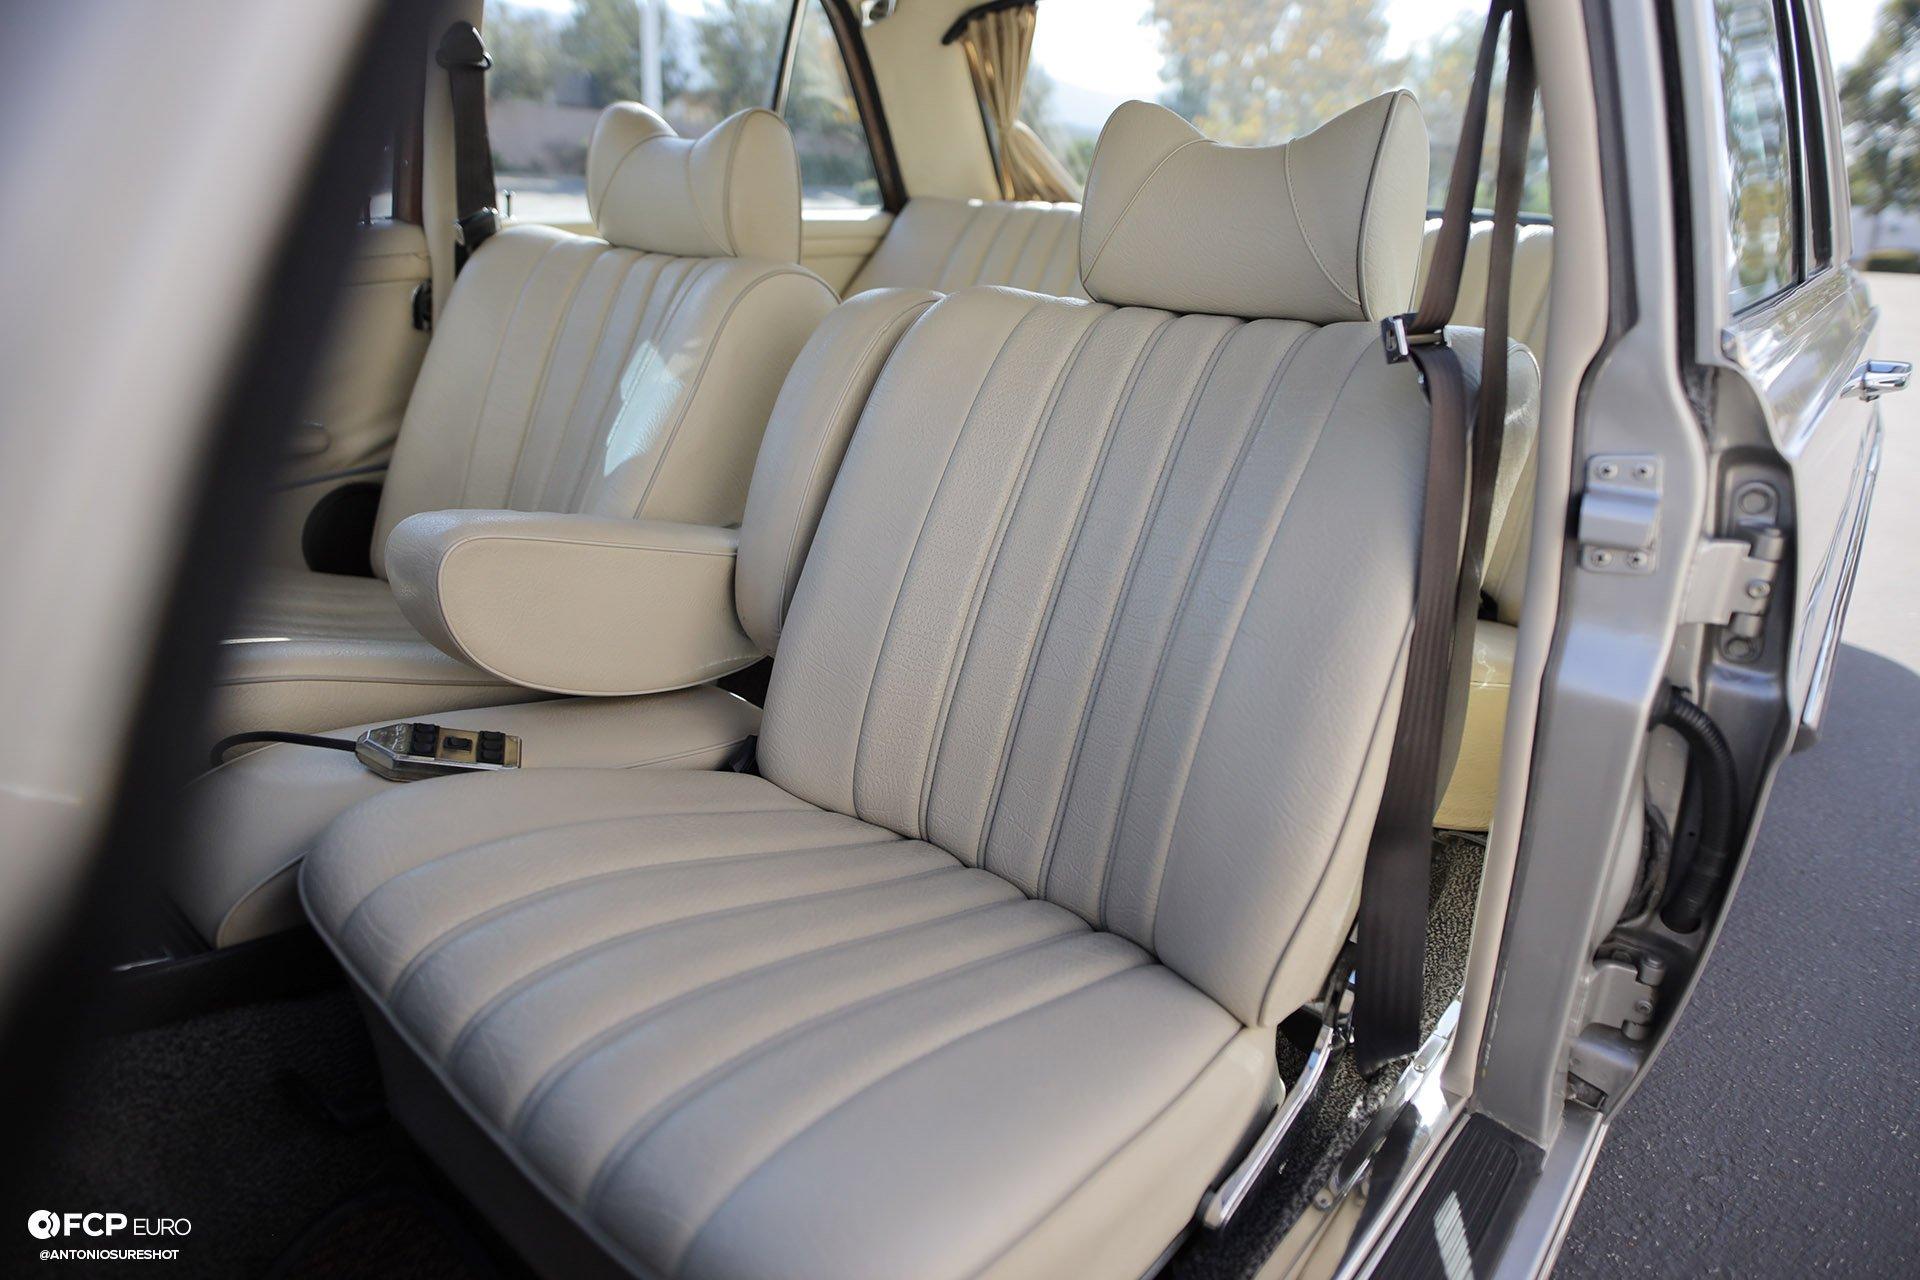 RHD 1972 Mercedes W108 280SE EOSR9781